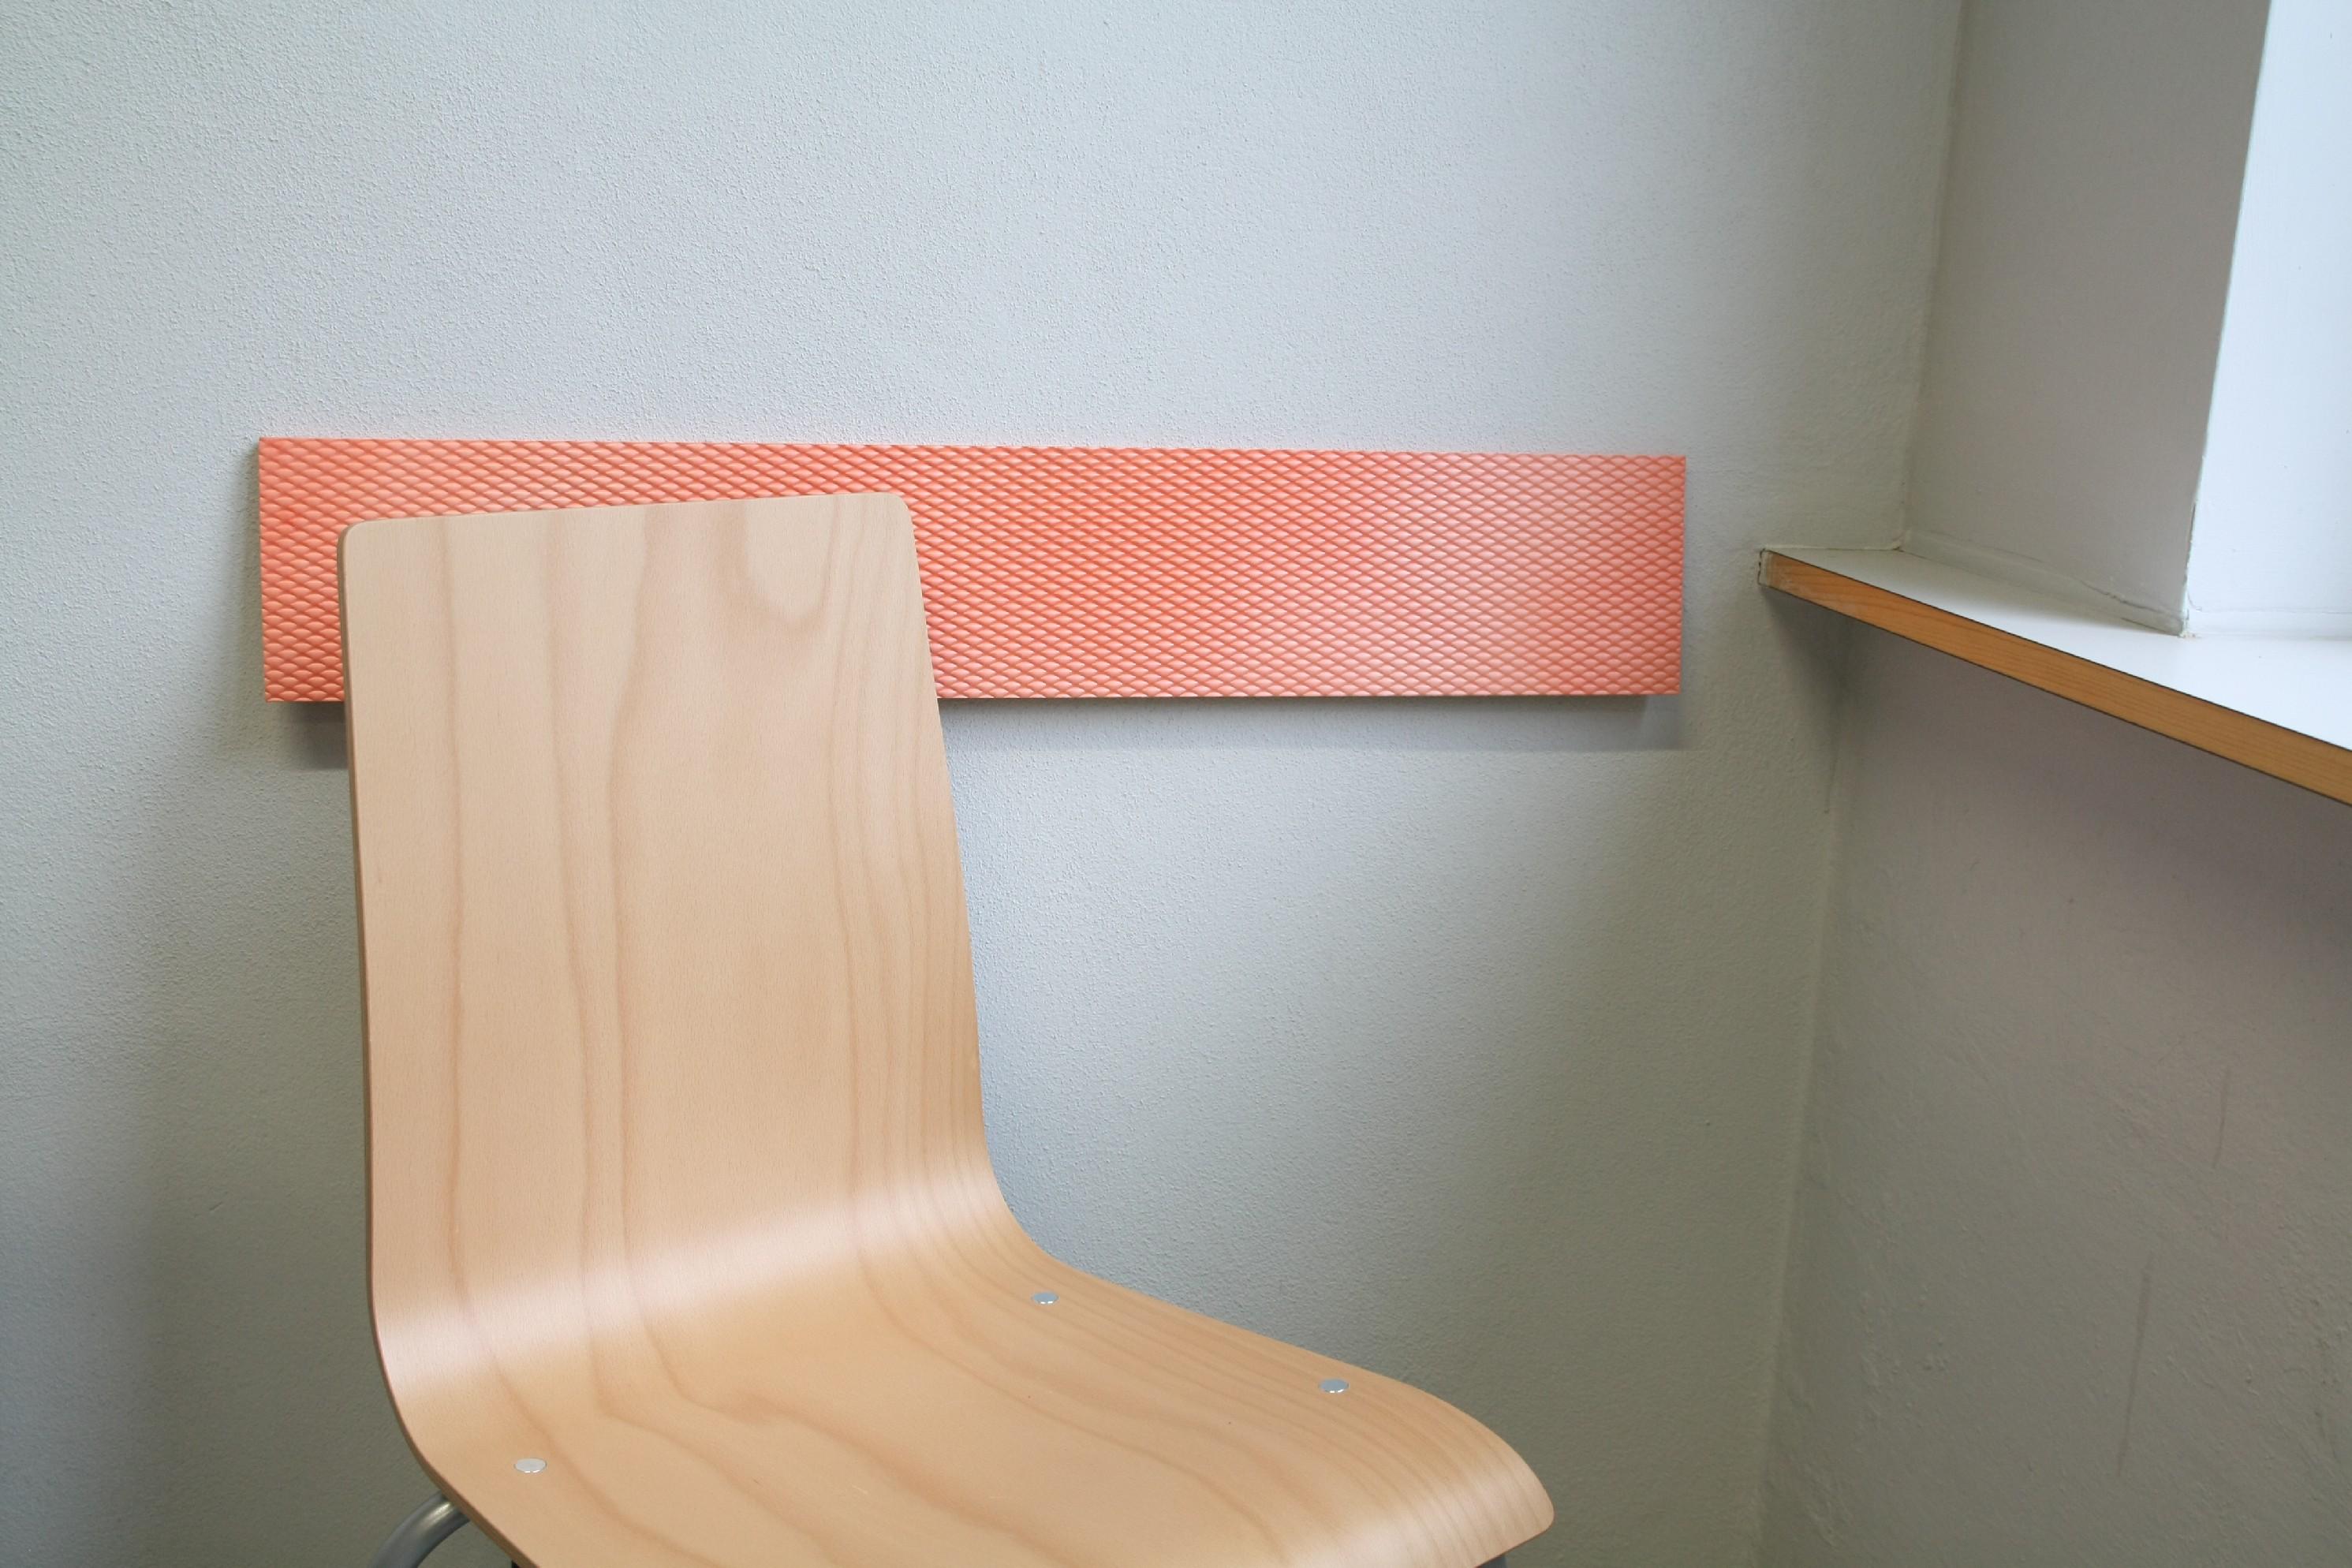 Ochranný pěnový pás samolepící - sada 4 ks Barva: Myslivecká zelená